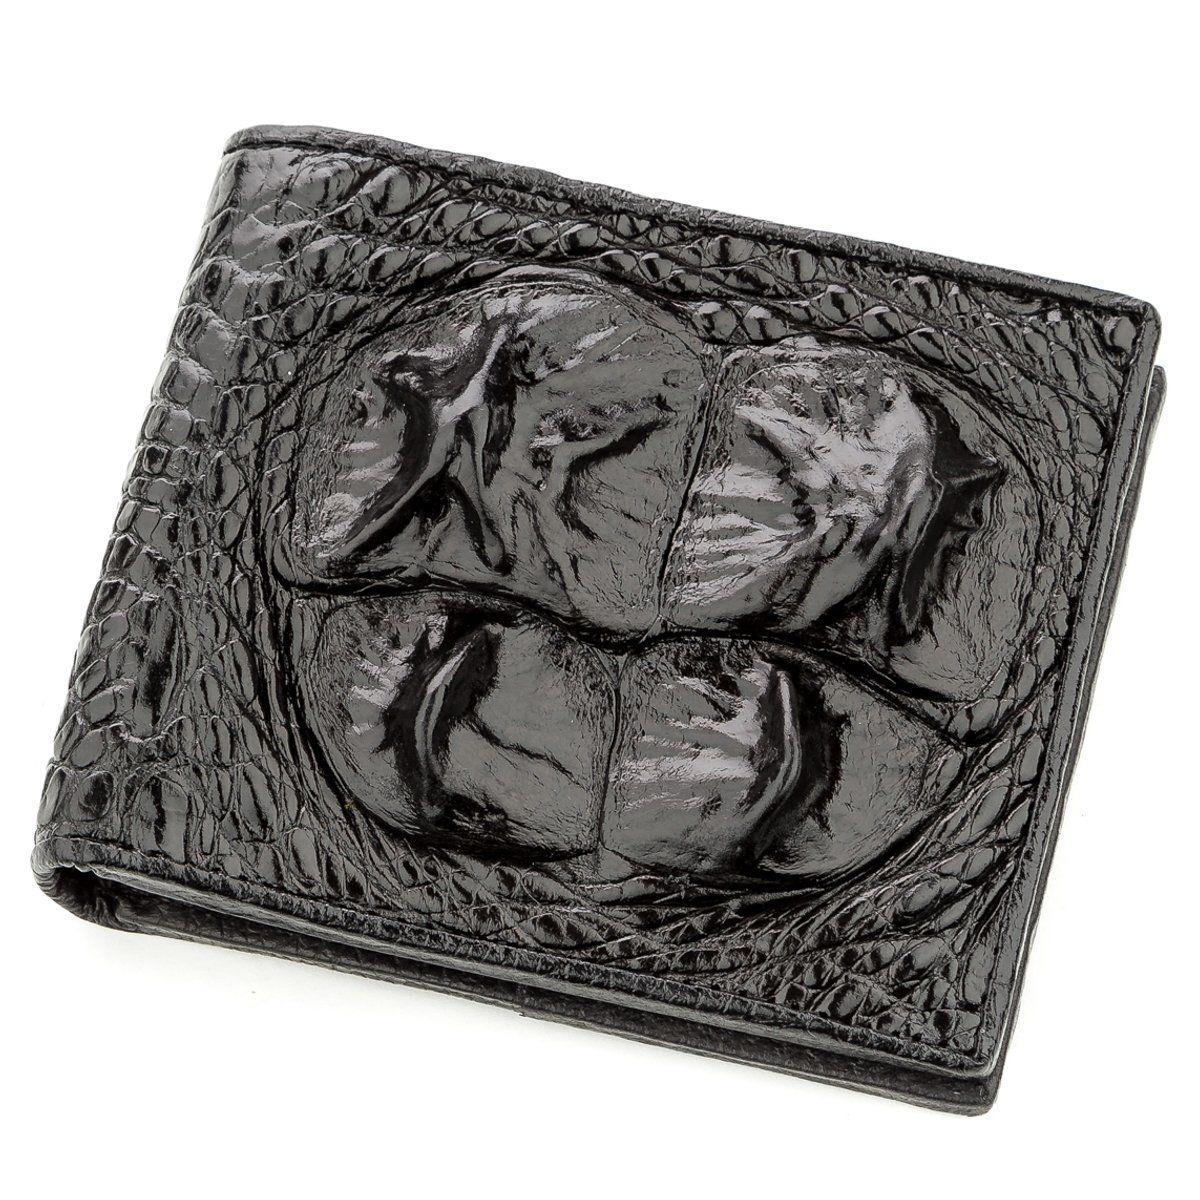 Бумажник мужской CROCODILE LEATHER 18582 из натуральной кожи крокодила Черный